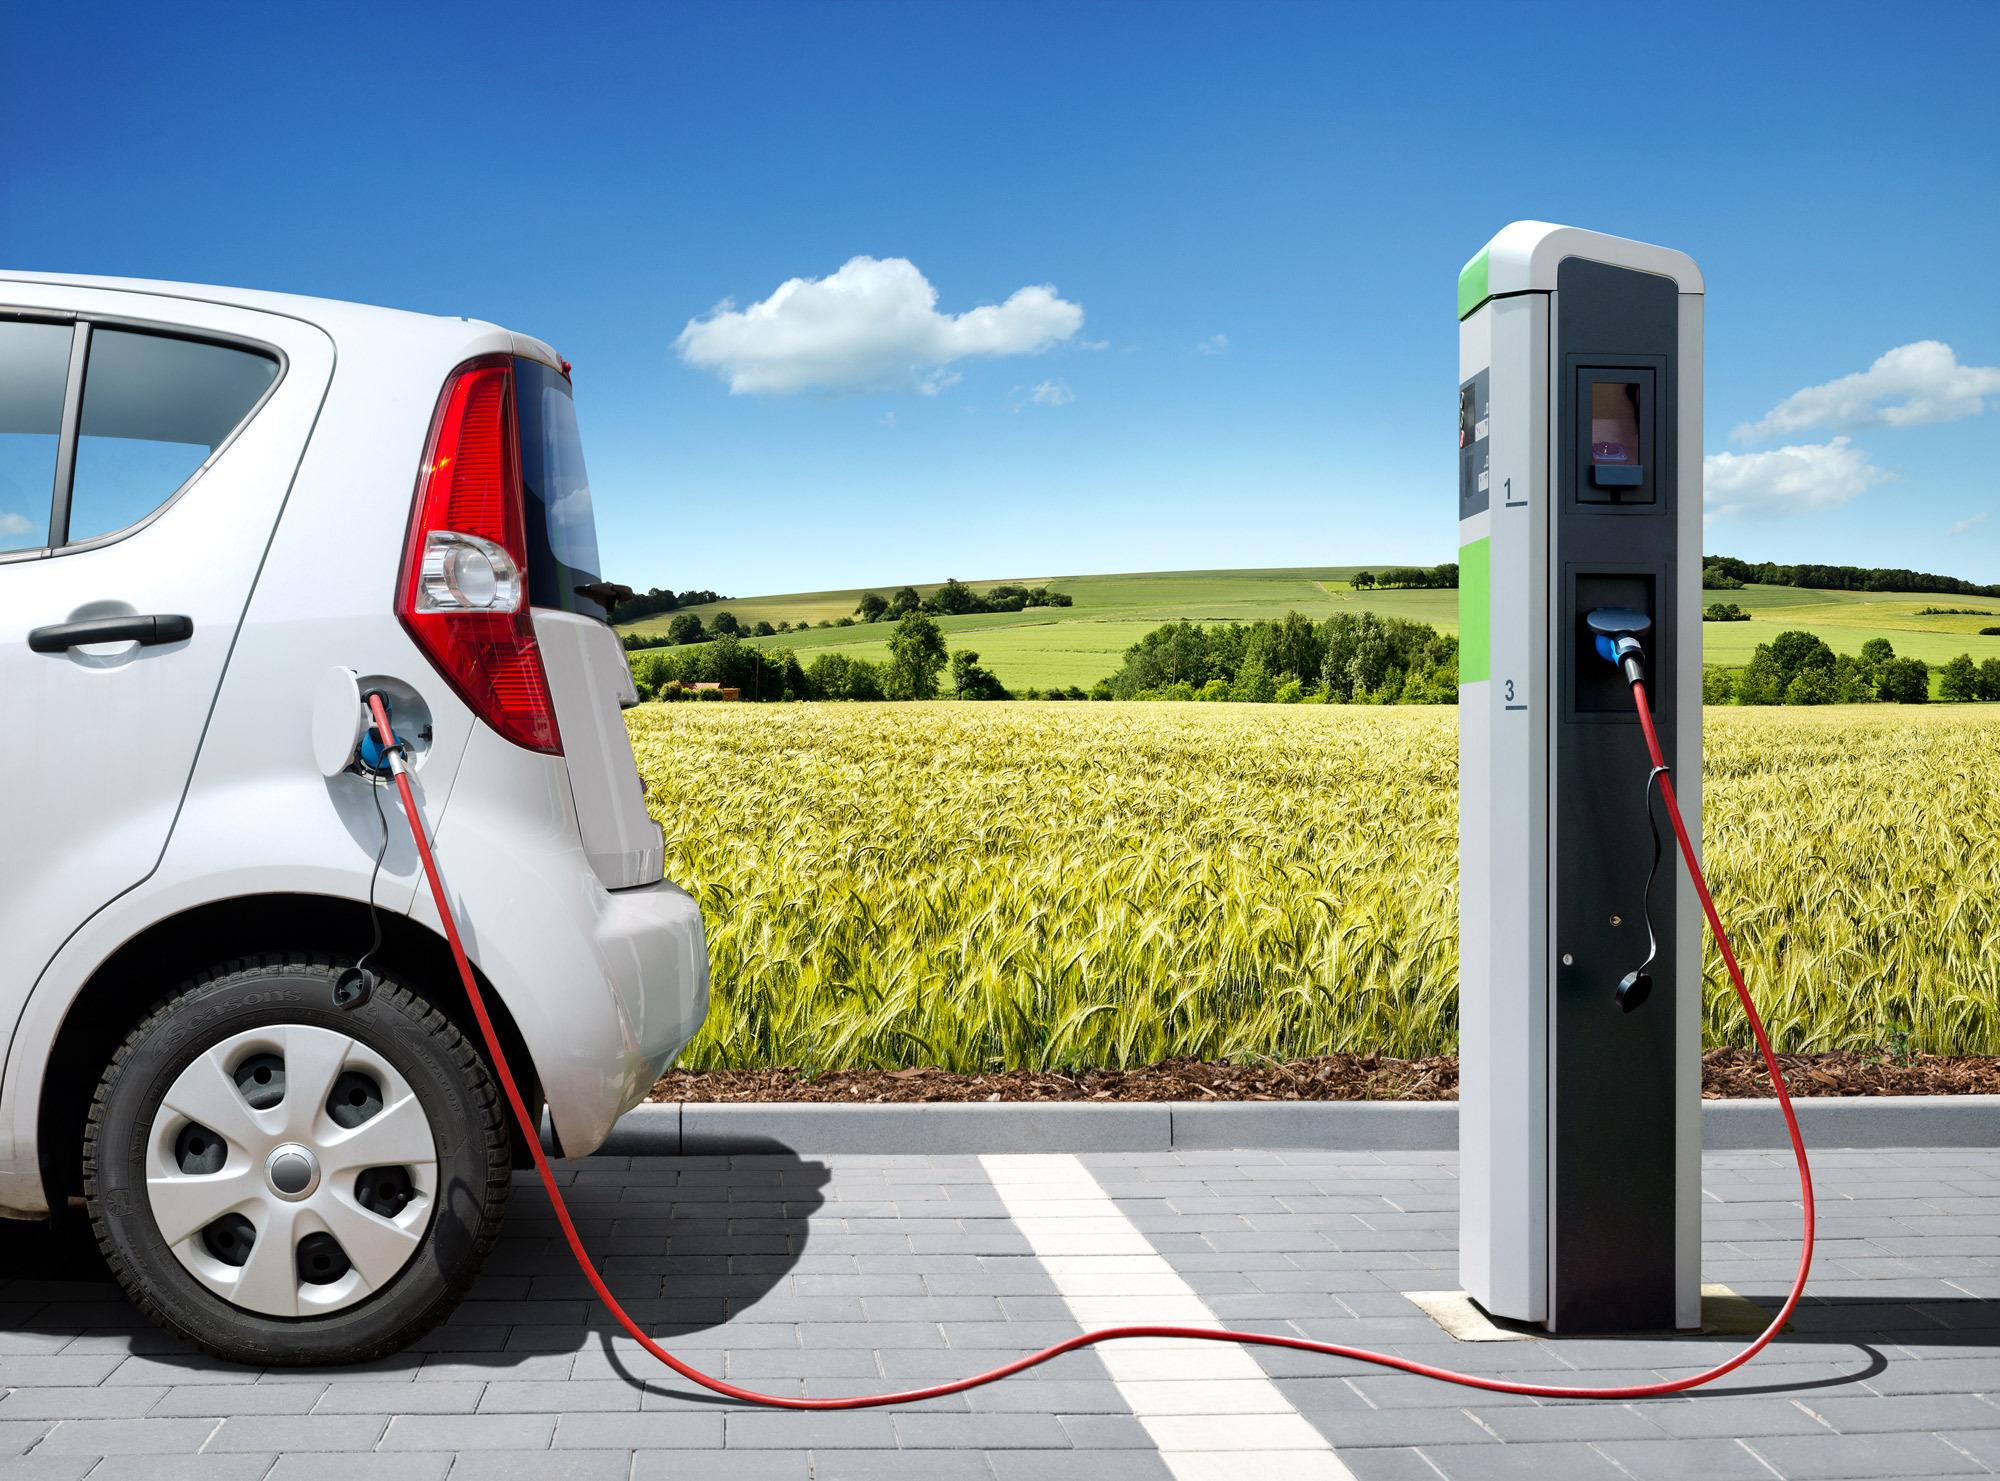 Auto Elettriche - la strategia energetica dei Paesi Bassi